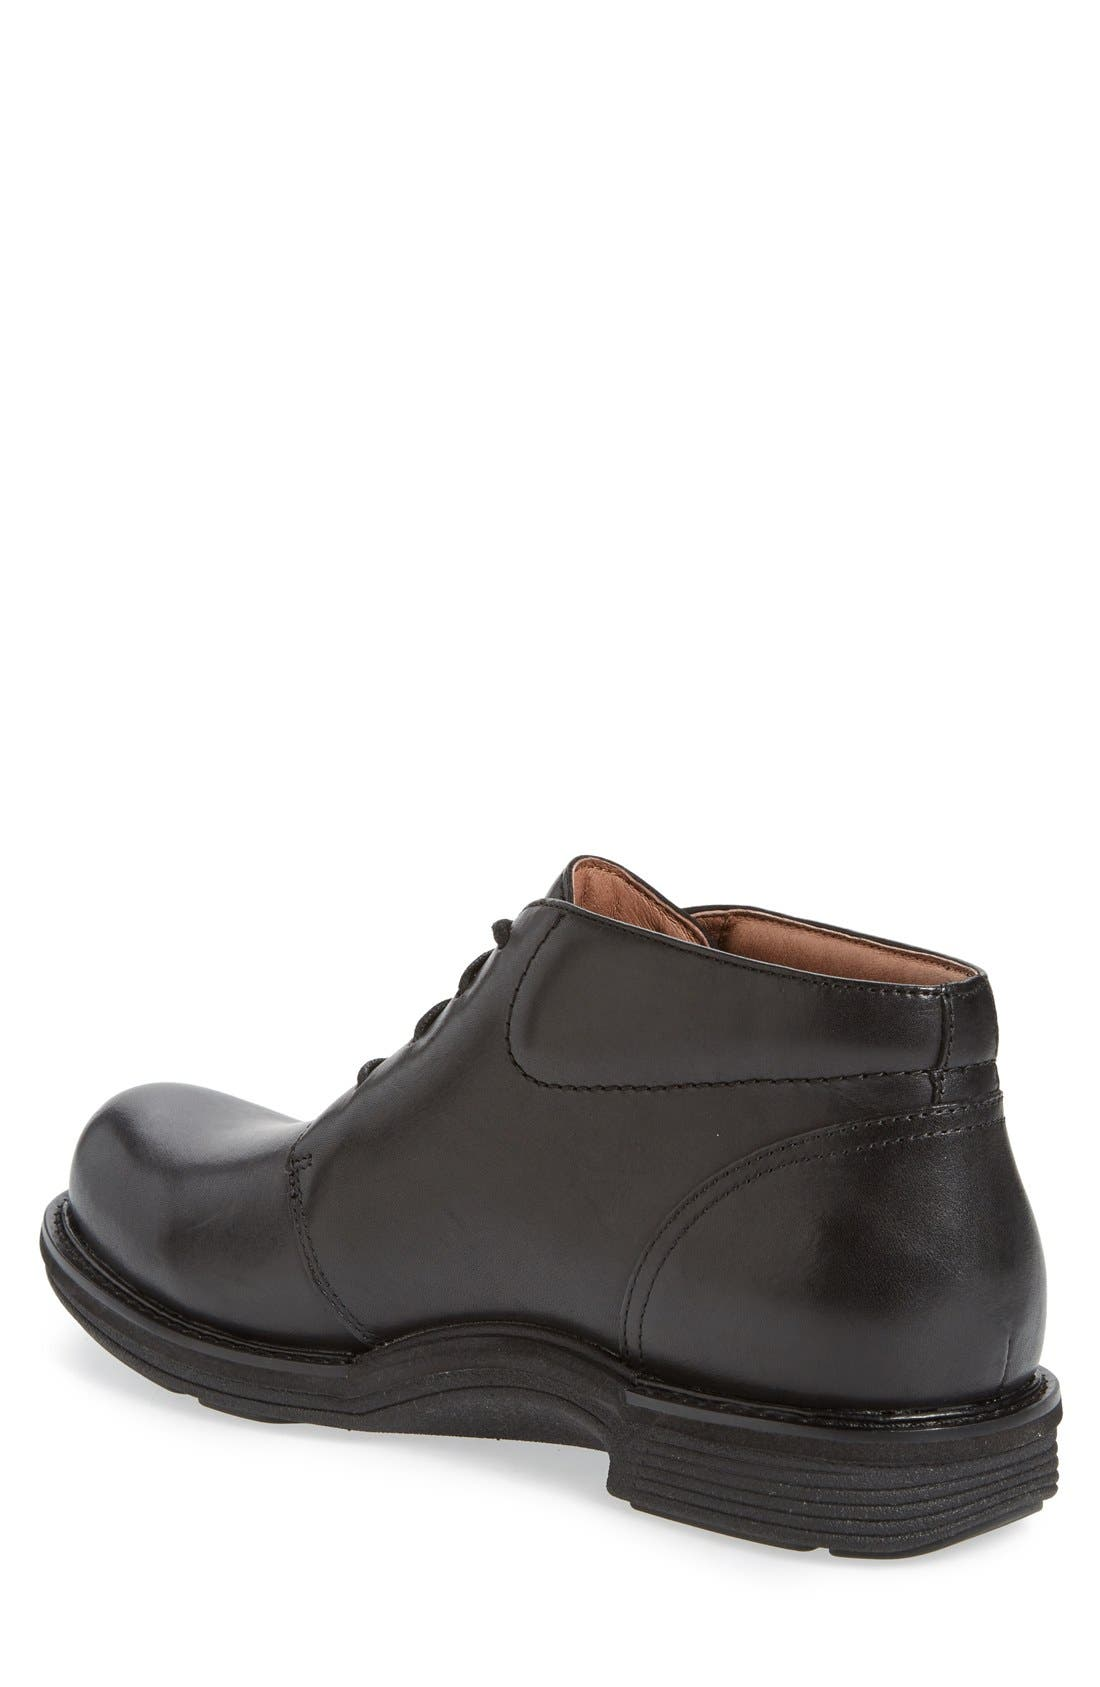 Alternate Image 2  - Dansko 'Jake' Chukka Boot (Men)